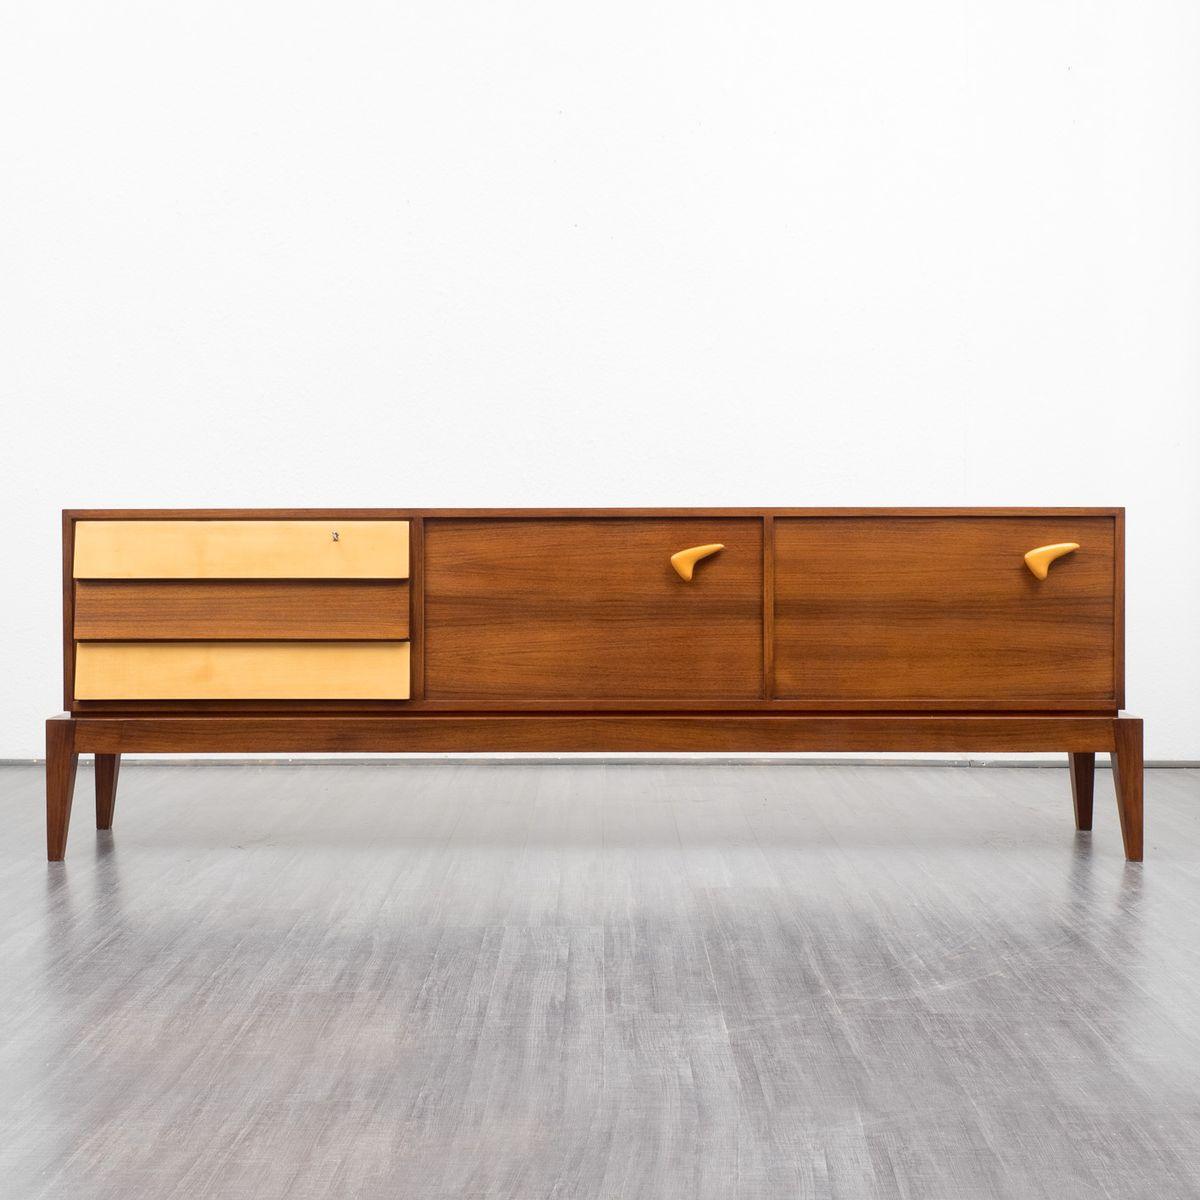 Birch Veneer Buffet ~ Vintage bicolored teak and birch veneer sideboard for sale